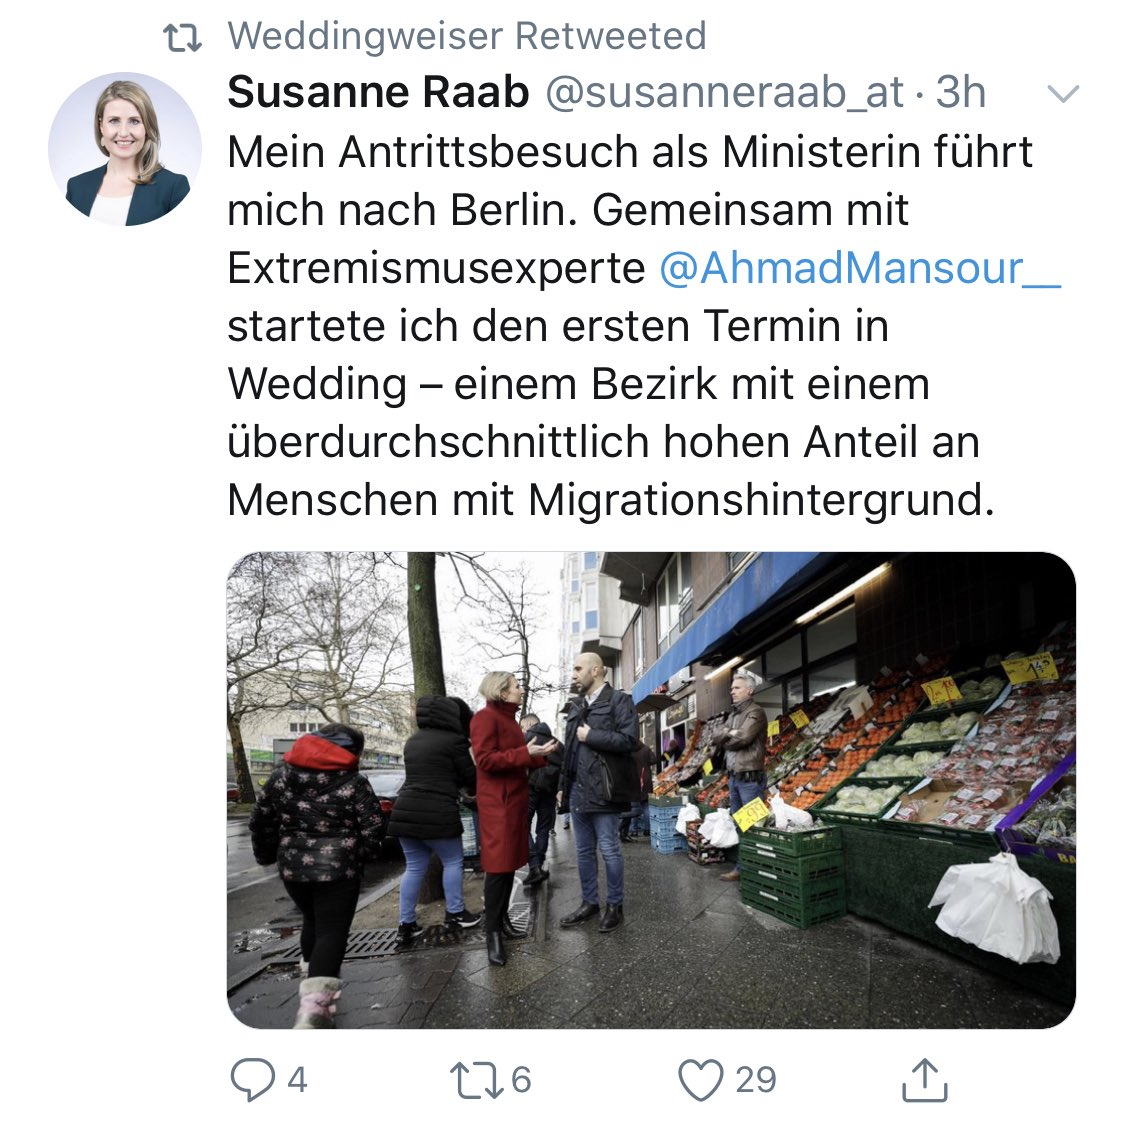 """Österreichische Ministerin kommt zu uns an die Pankstraße, macht plakativ ein Foto vor einem türkischen Supermarkt & schlägt in die Kerbe """"viele Ausländer = viel Extremismus"""". Auf diesen """"Tourismus"""" können wir verzichten! 🤮 #Gesundbrunnen #Wedding"""